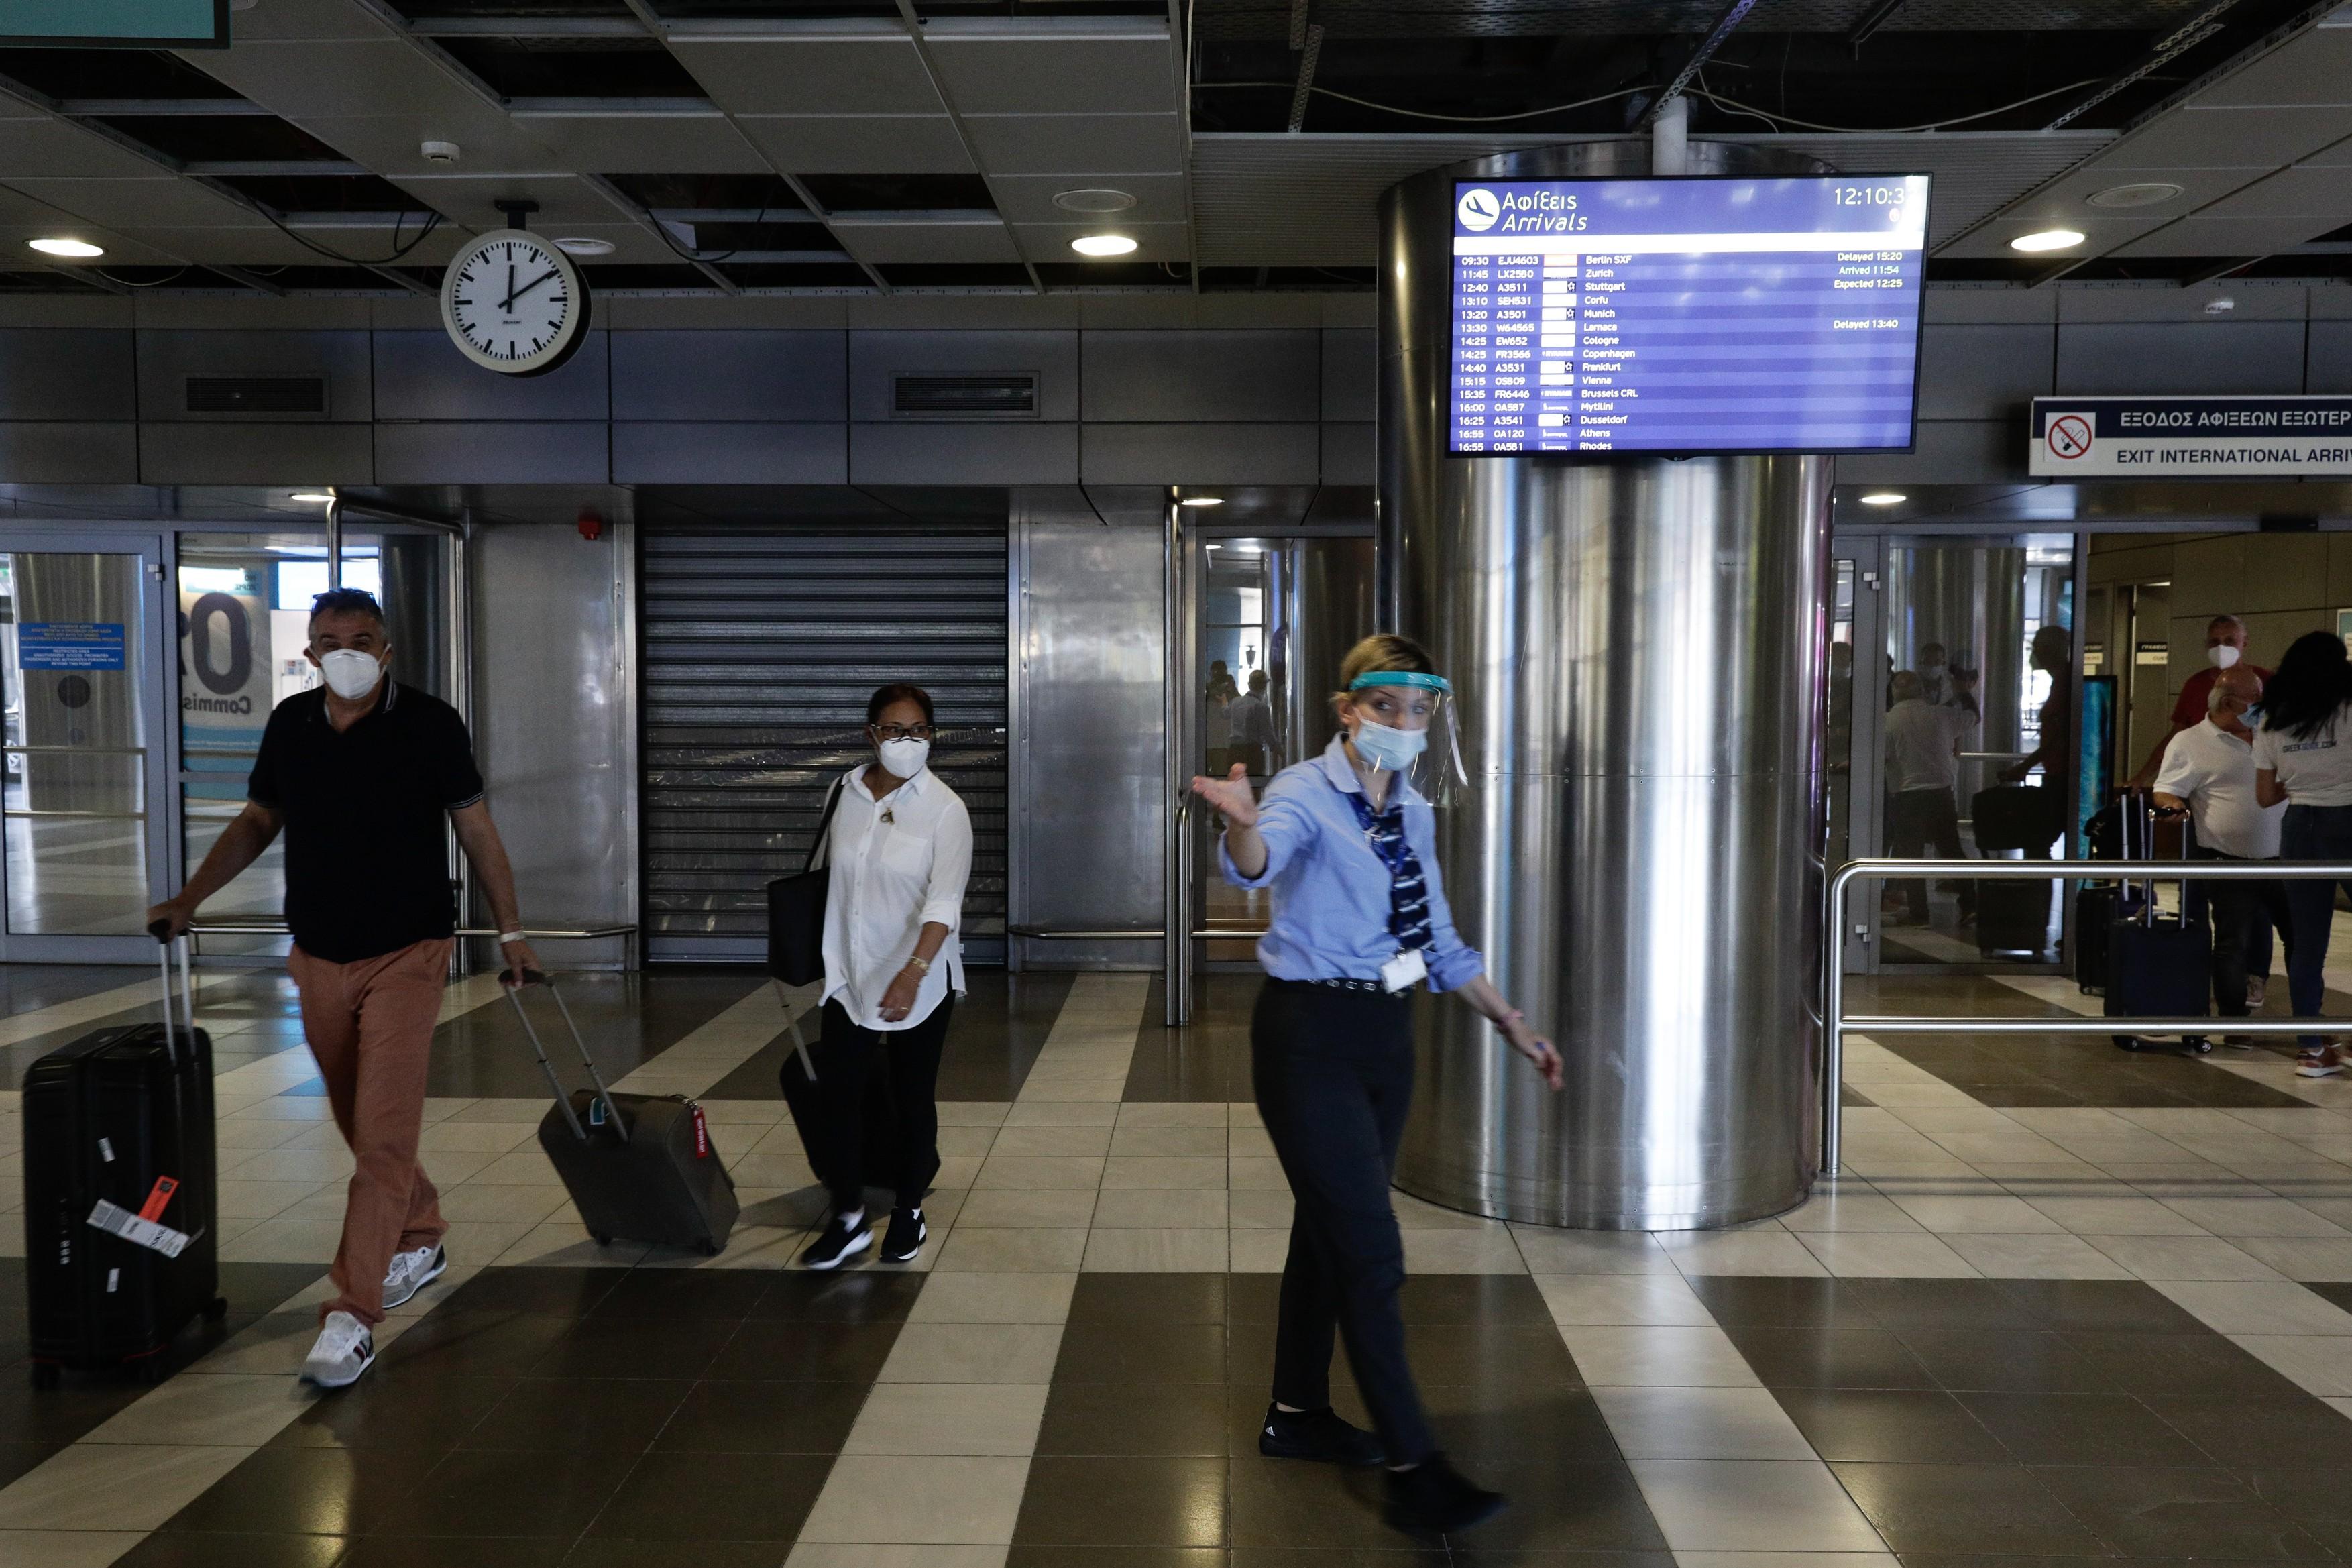 Masca redevine obligatorie in aproape toate spaţiile publice inchise din Grecia